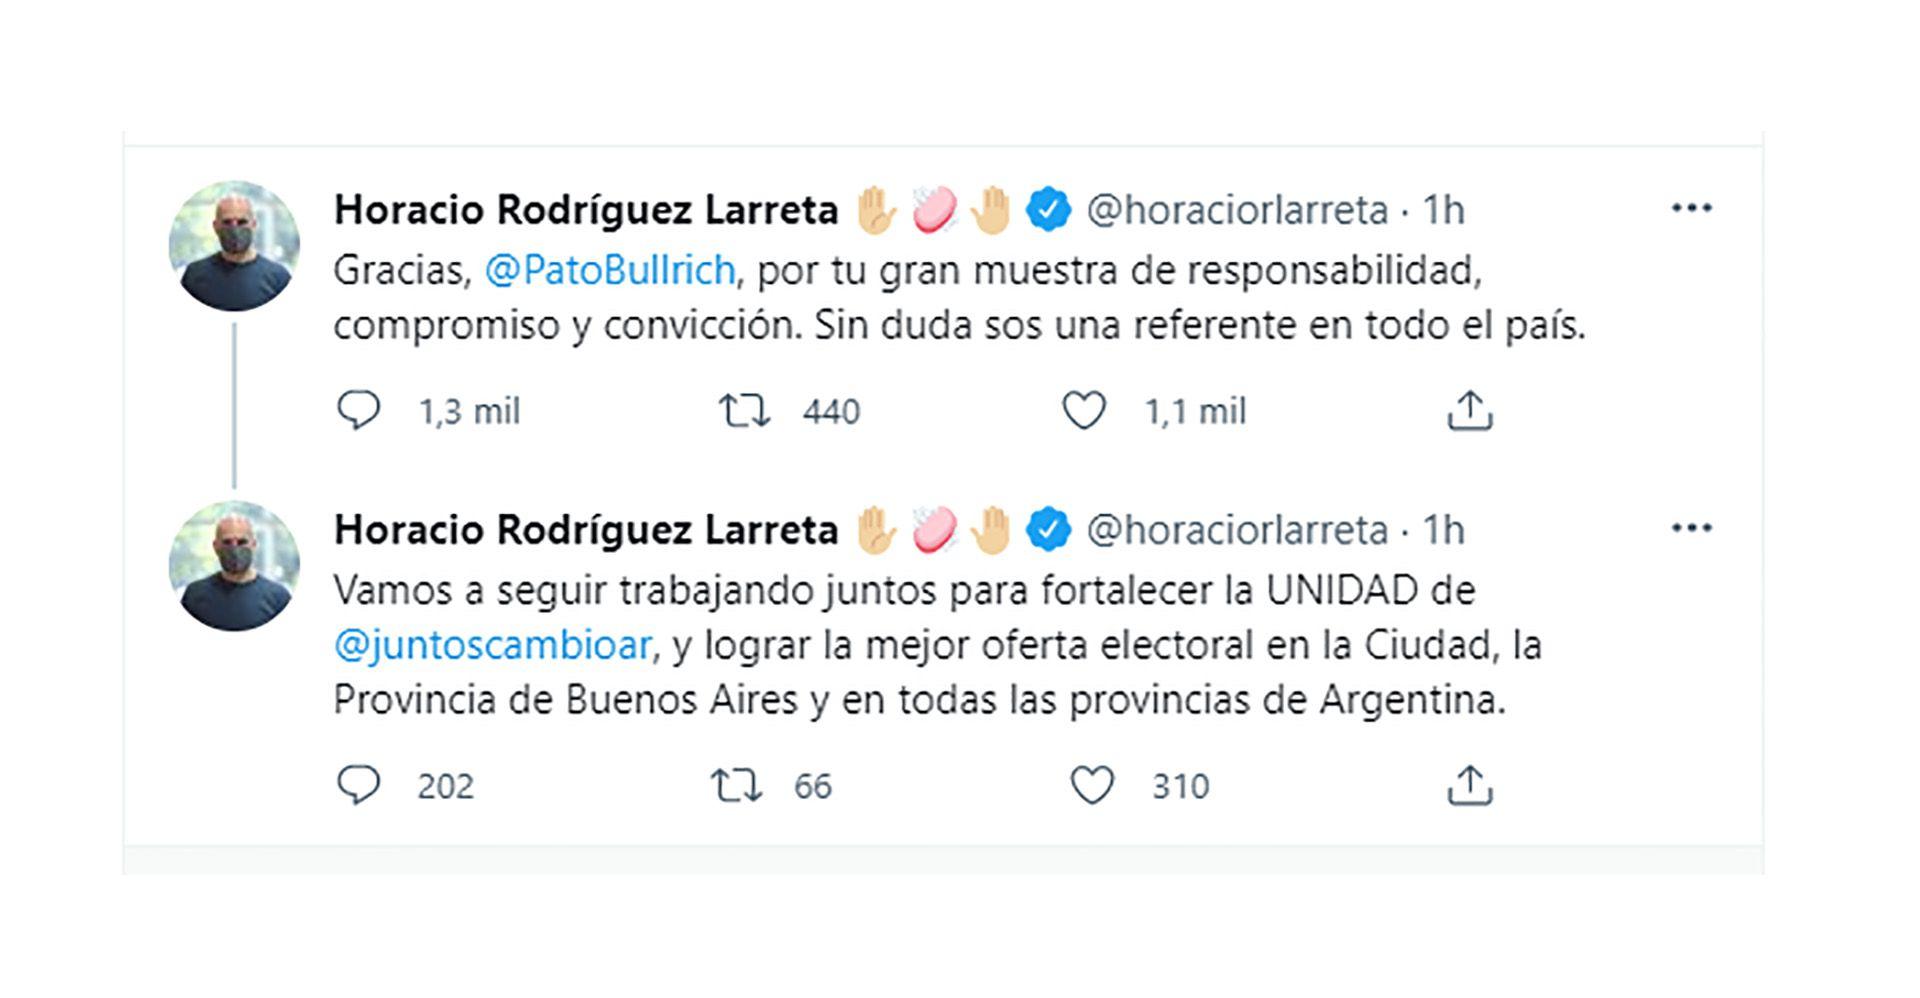 Horacio Rodríguez Larreta Patricia Bullrich